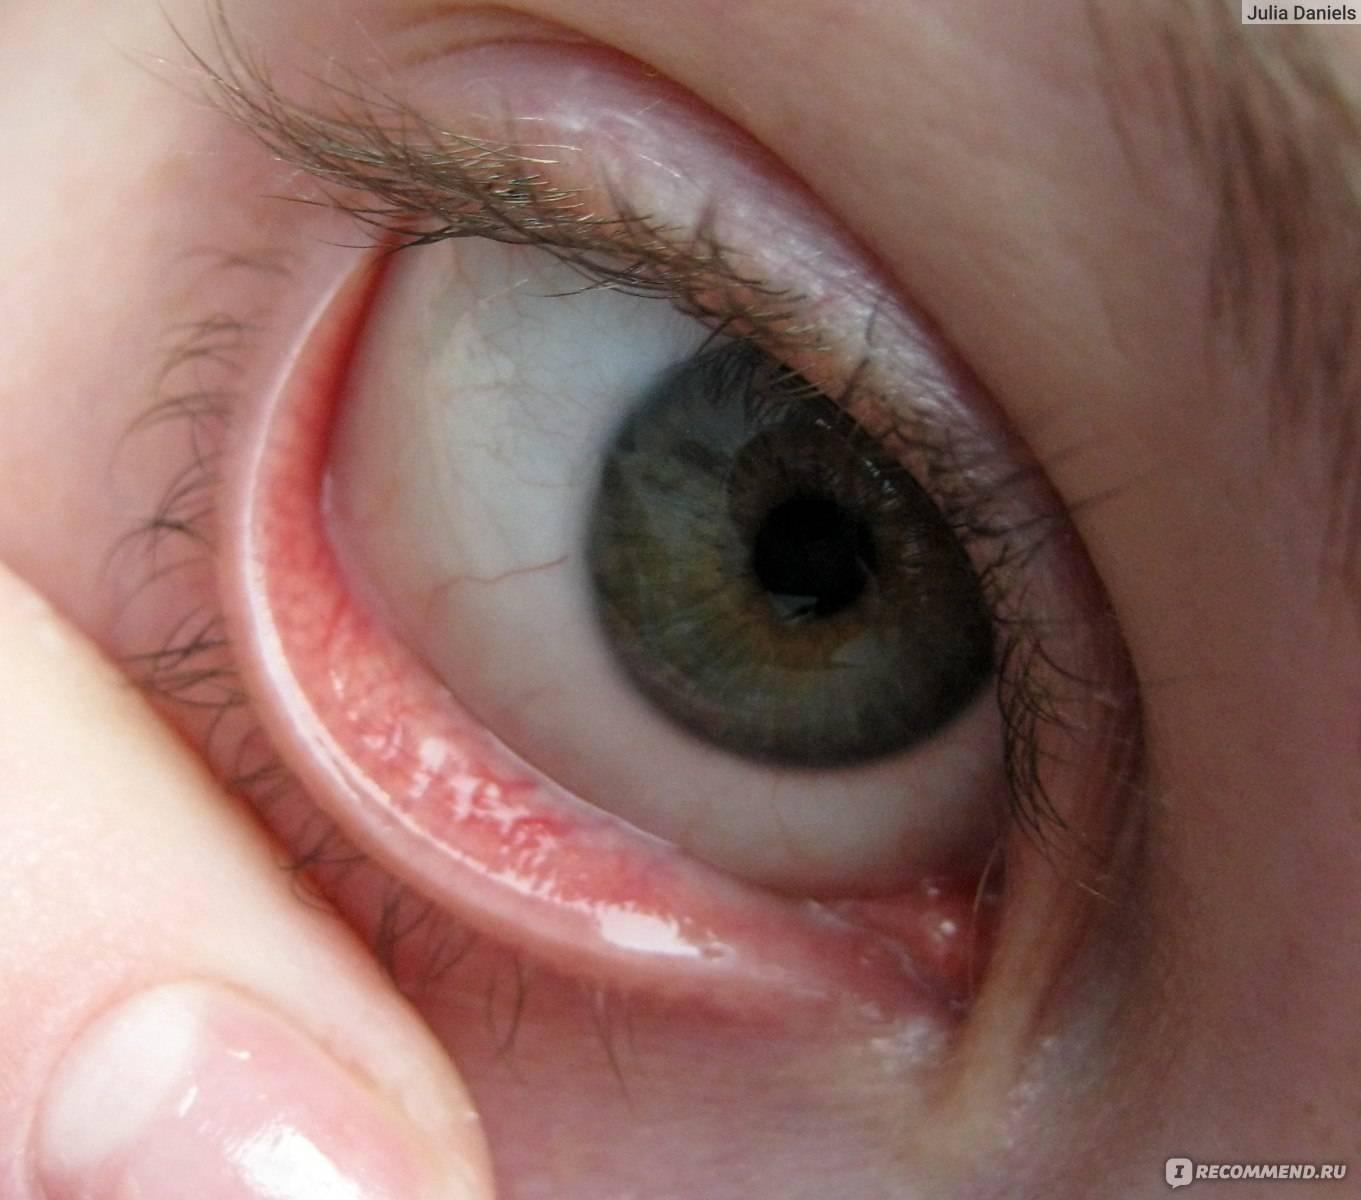 Почему в контактных линзах мутно, линзы мутнеют на глазах - что делать?